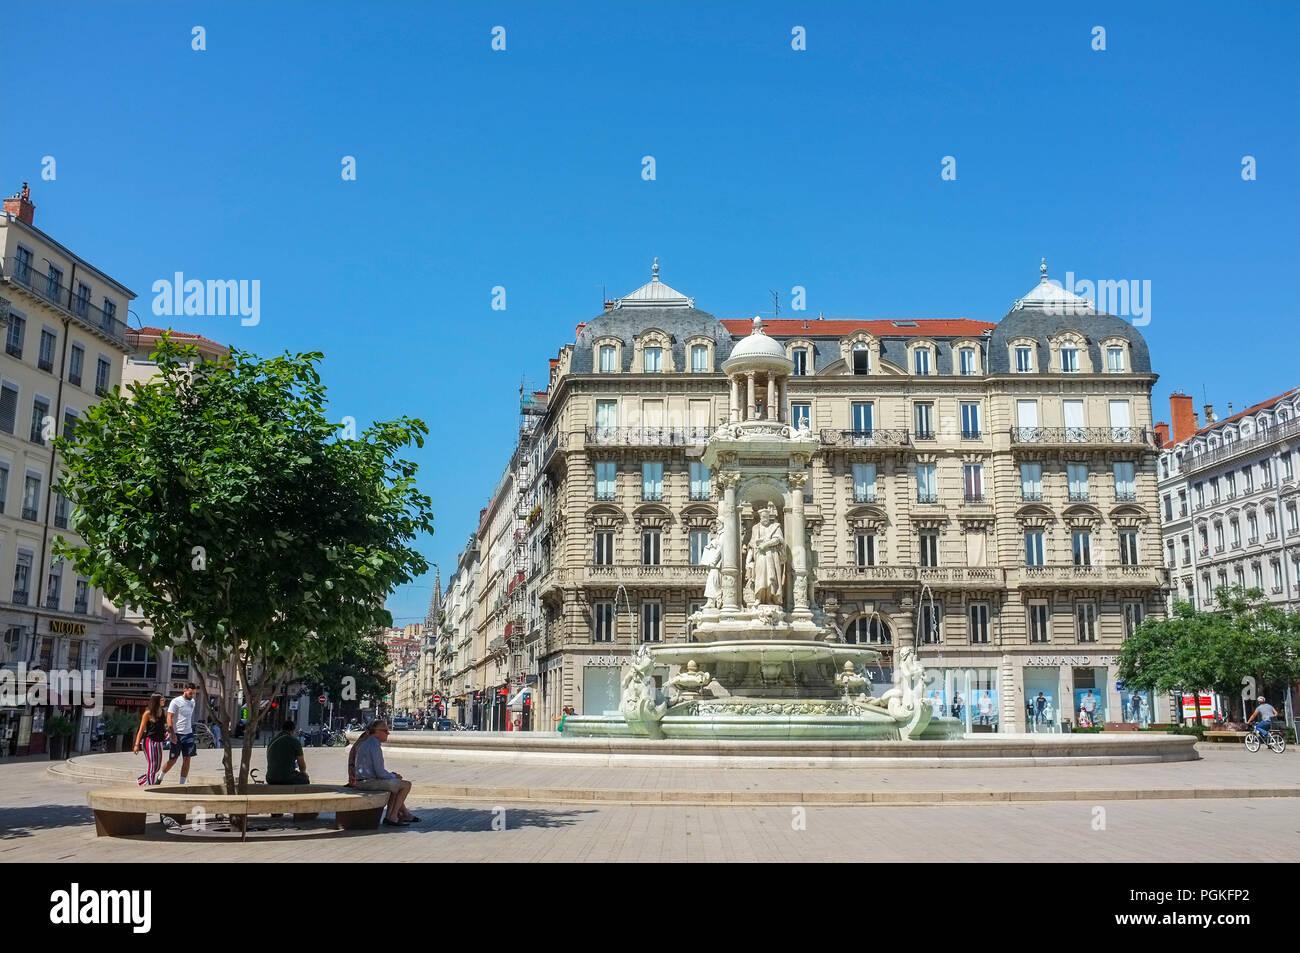 jacobins-square-place-des-jacobins-lyon-france-PGKFP2.jpg